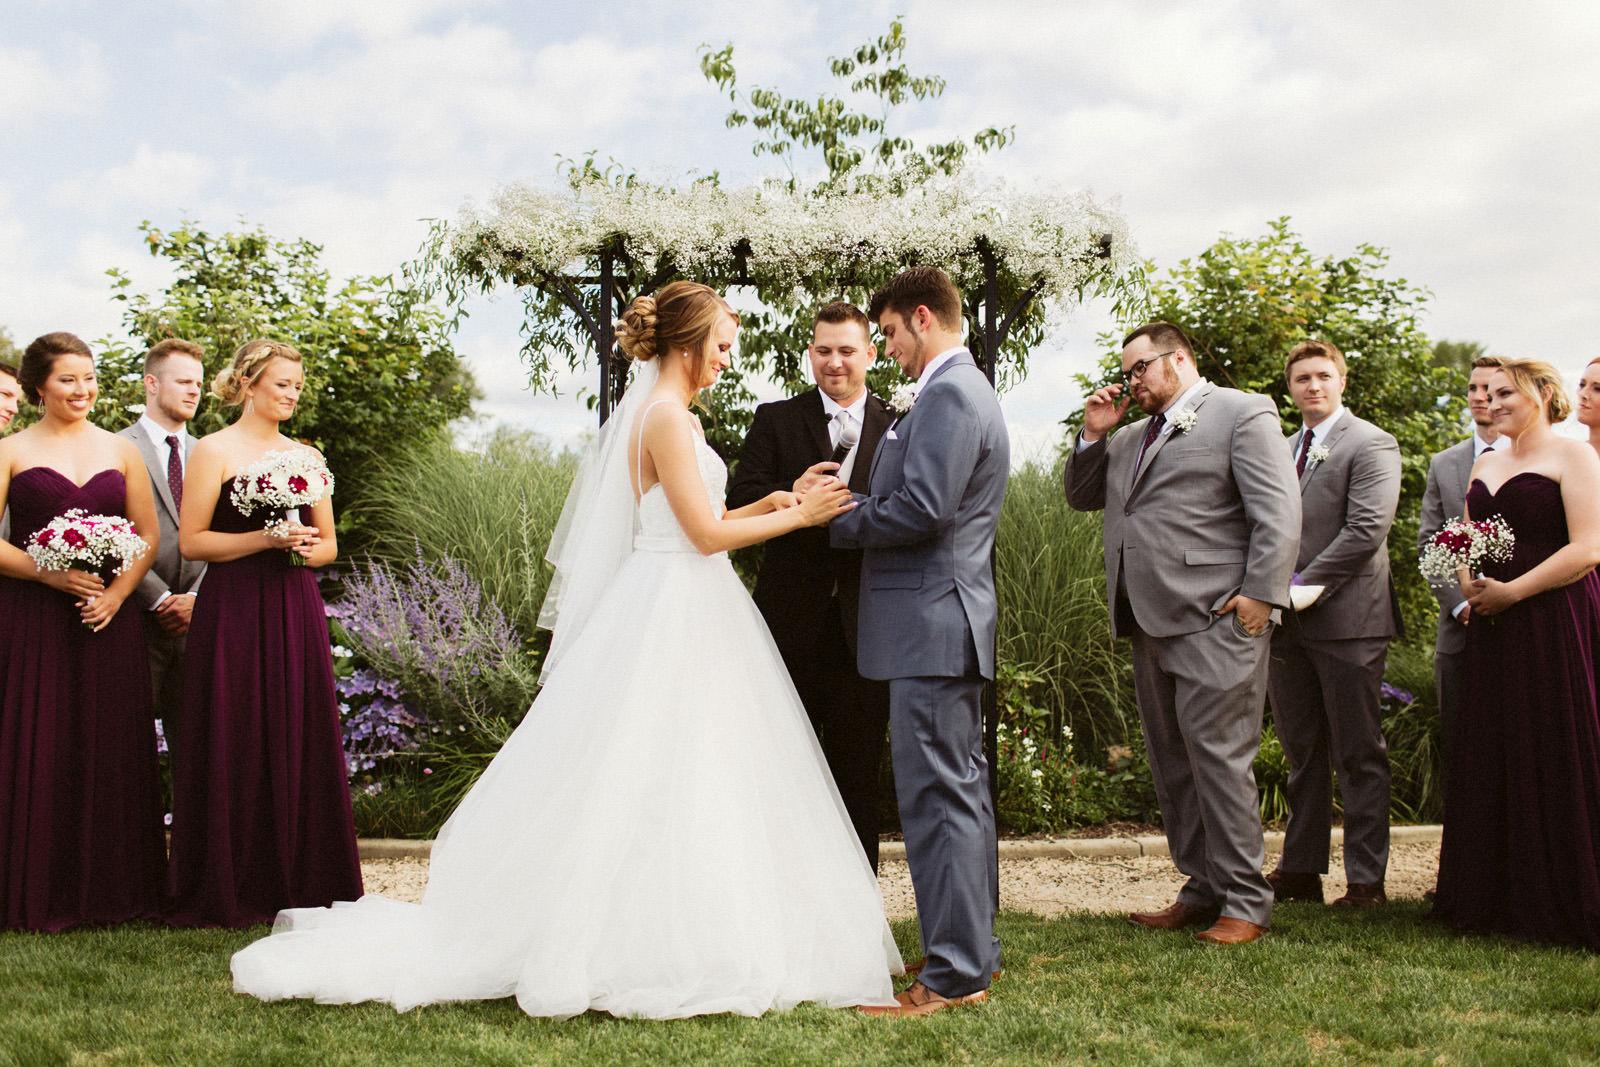 jacobregan-blog-25 SCHILLER FAMILY FARM WEDDING